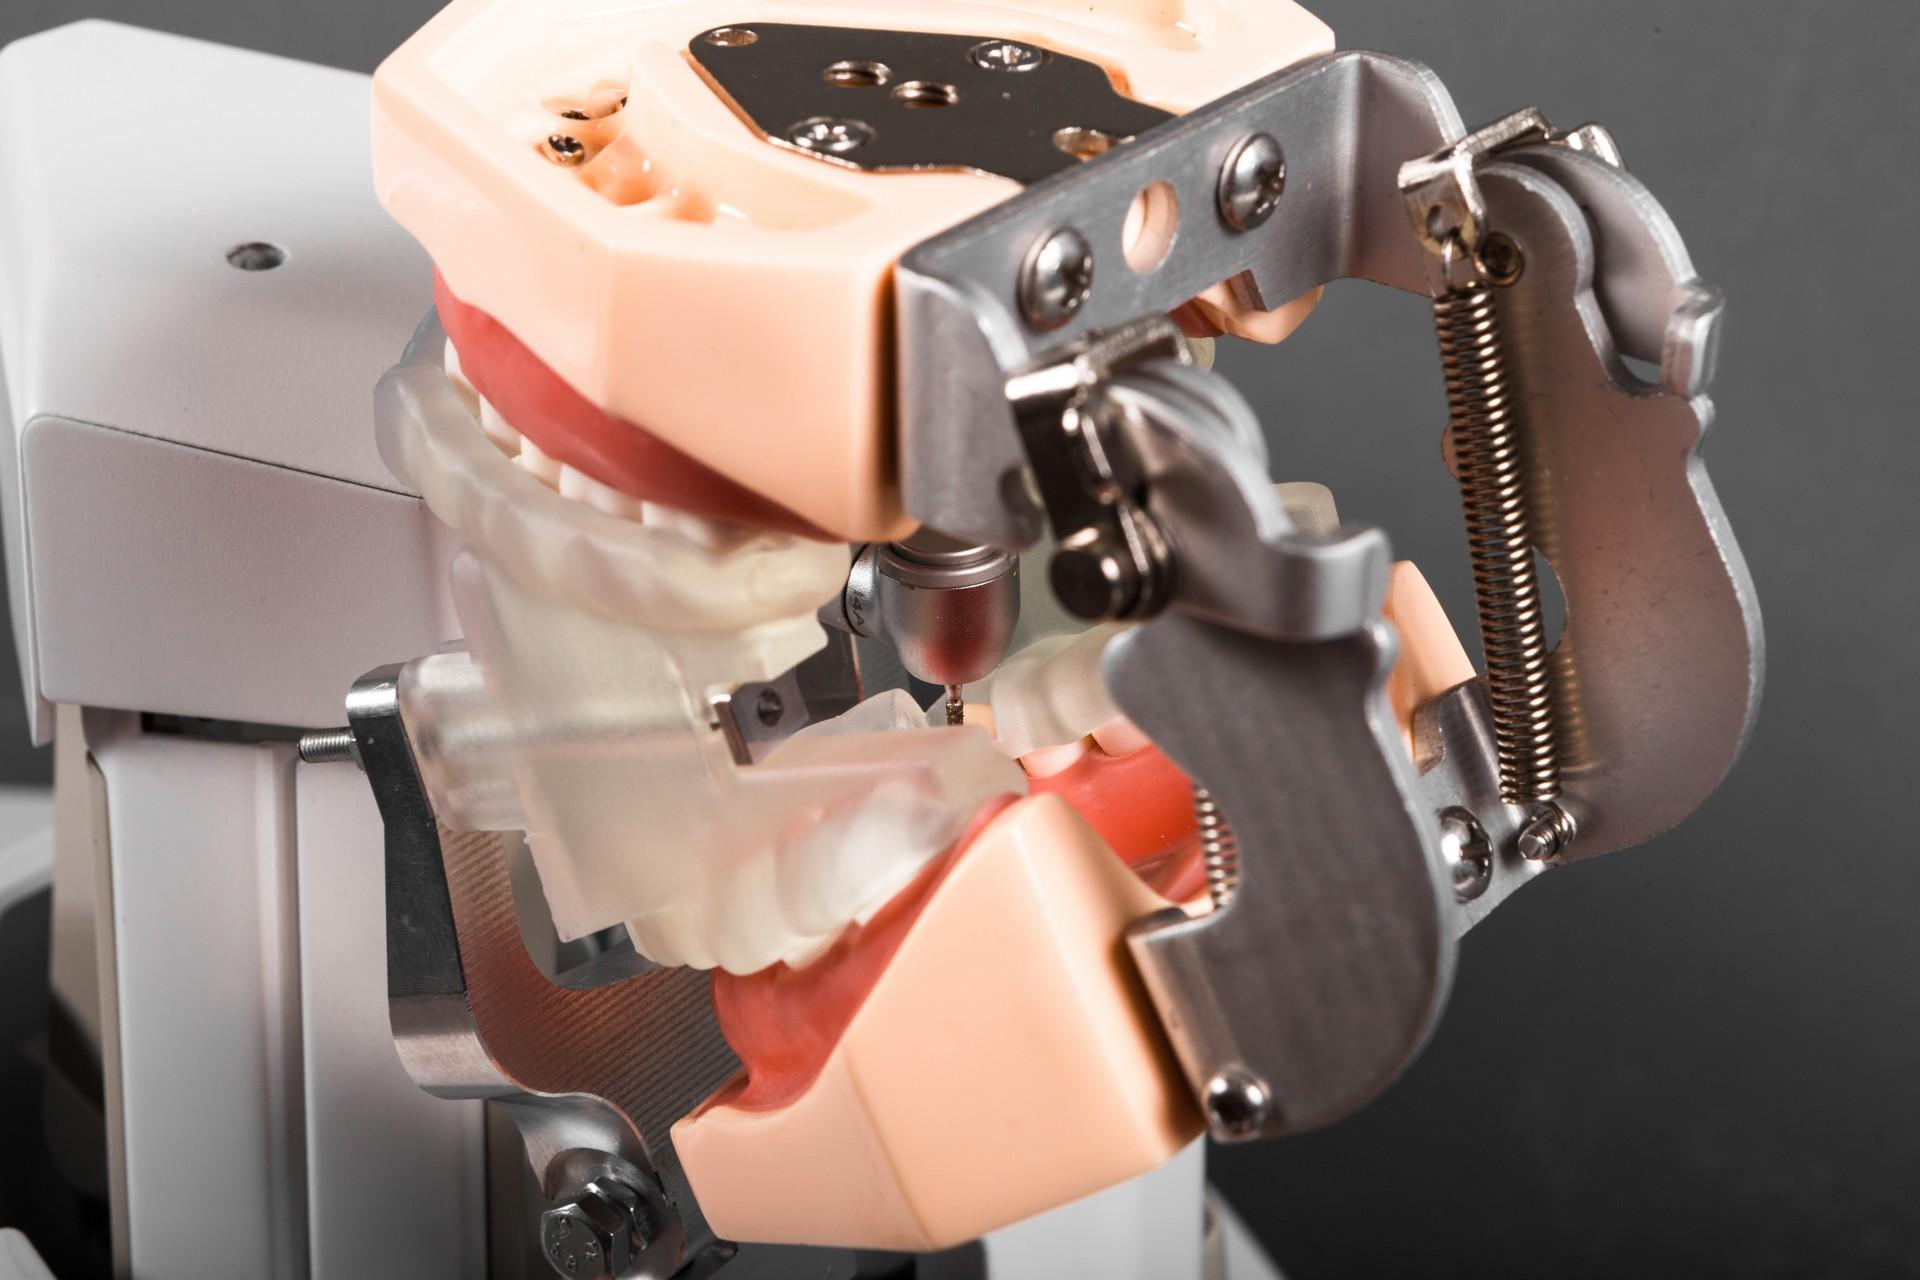 dentist_robot_remion_design_budapest_12